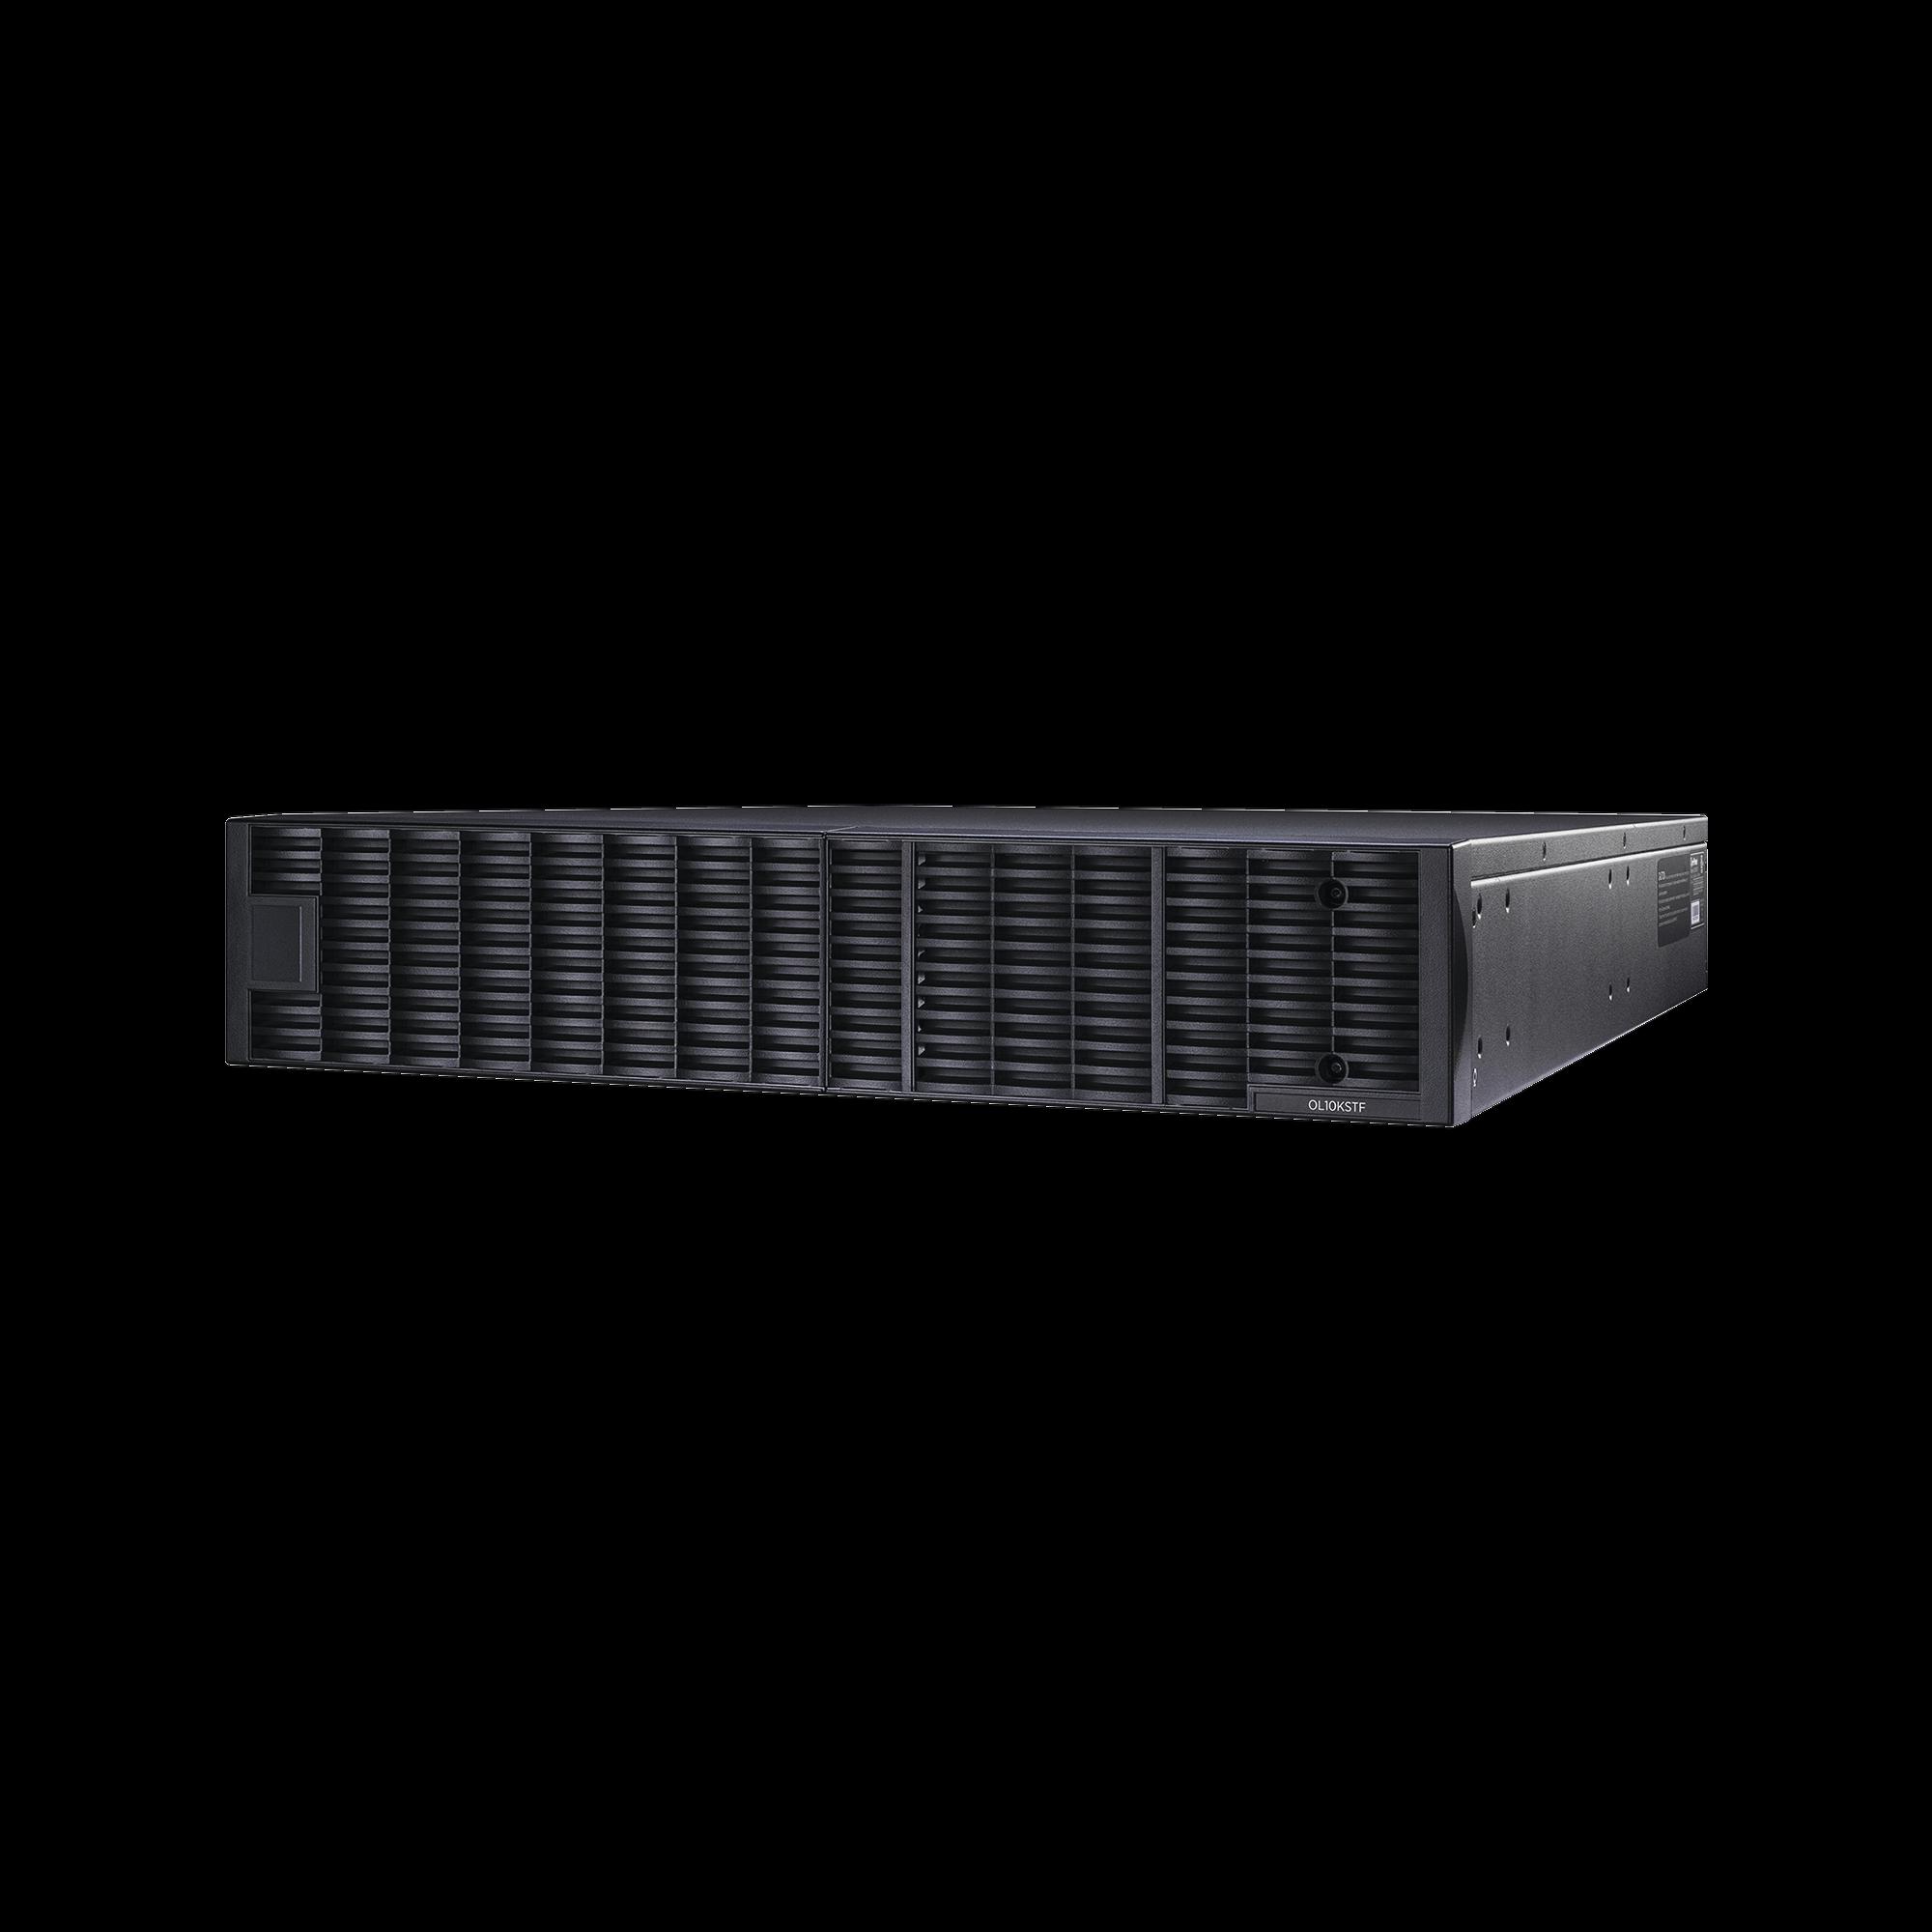 Transformador Reductor de 208 Vca a 120 Vca, Entrada Hardwire con Cable de Uso Rudo, Con 6 Salidas NEMA 5-20R y Terminal Hardwire, Recomendado para UPS modelos OL10KRT y OL8KRT